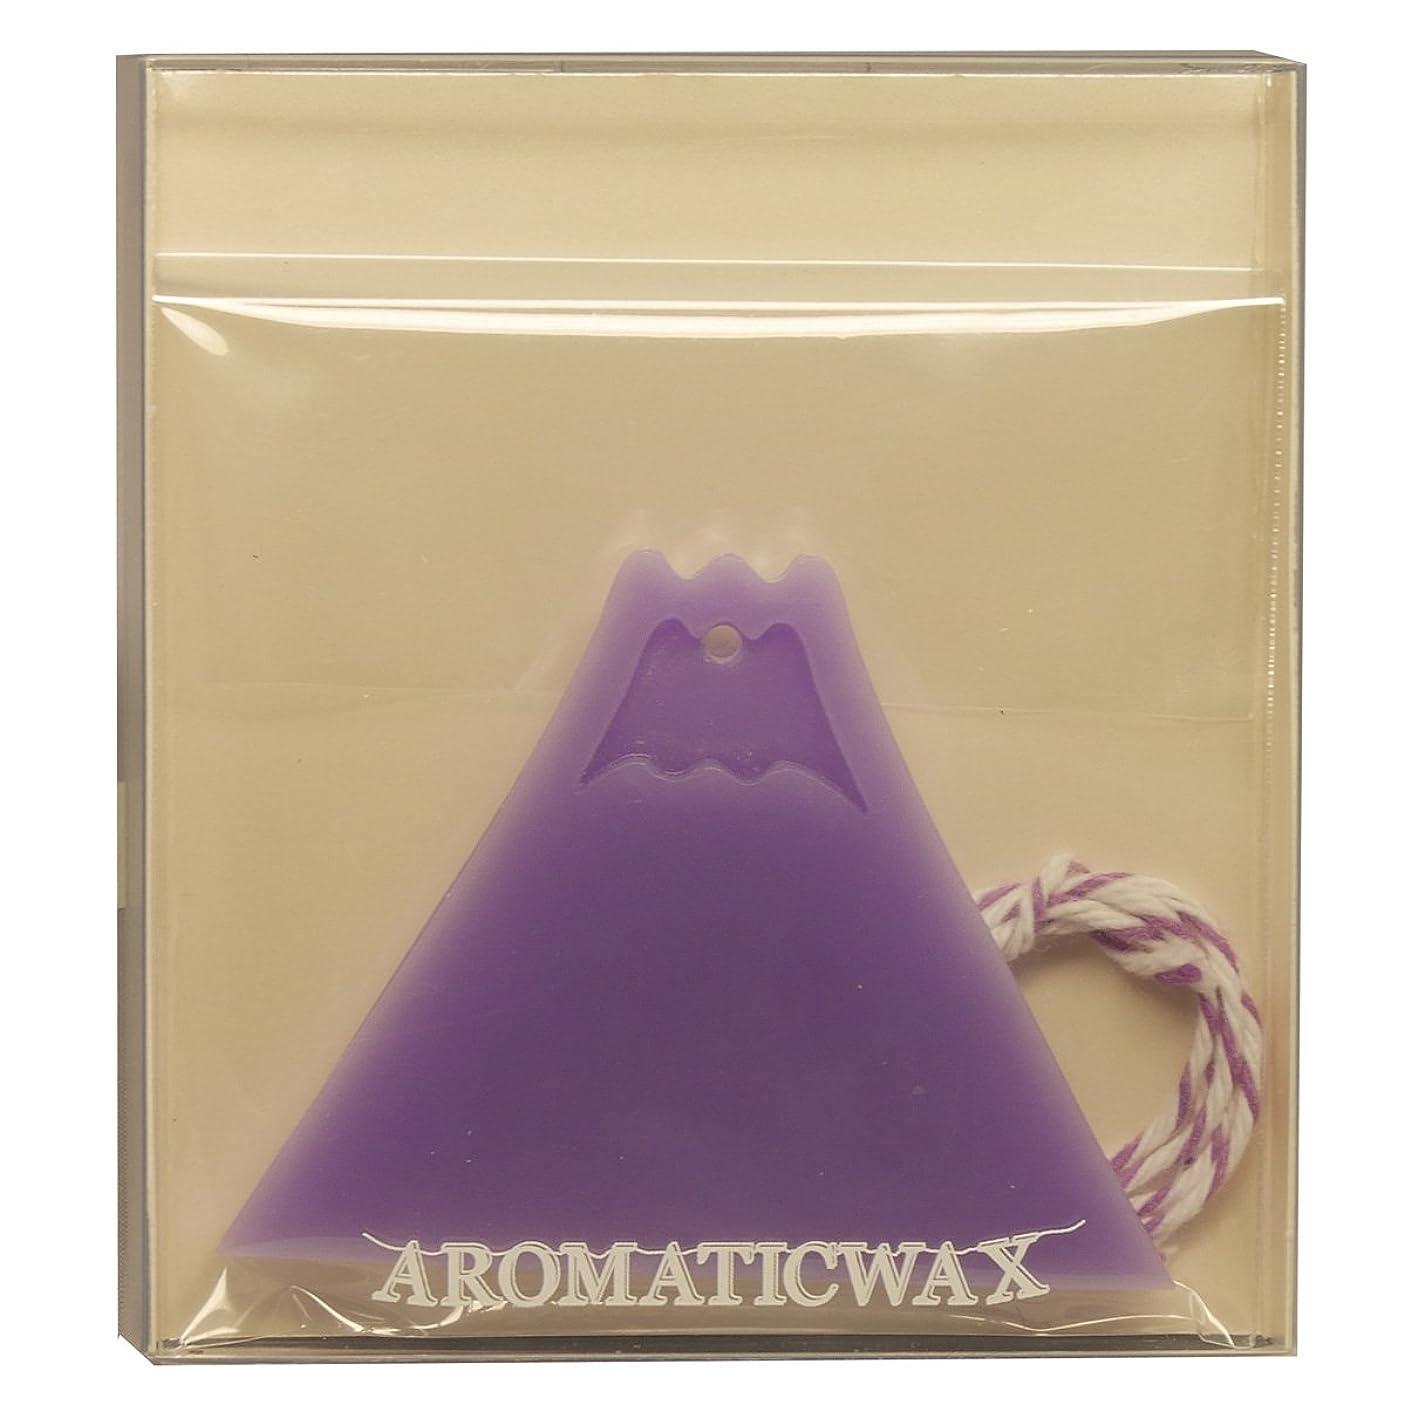 ペンス許す損なうGRASSE TOKYO AROMATICWAXチャーム「富士山」(PU) ラベンダー アロマティックワックス グラーストウキョウ